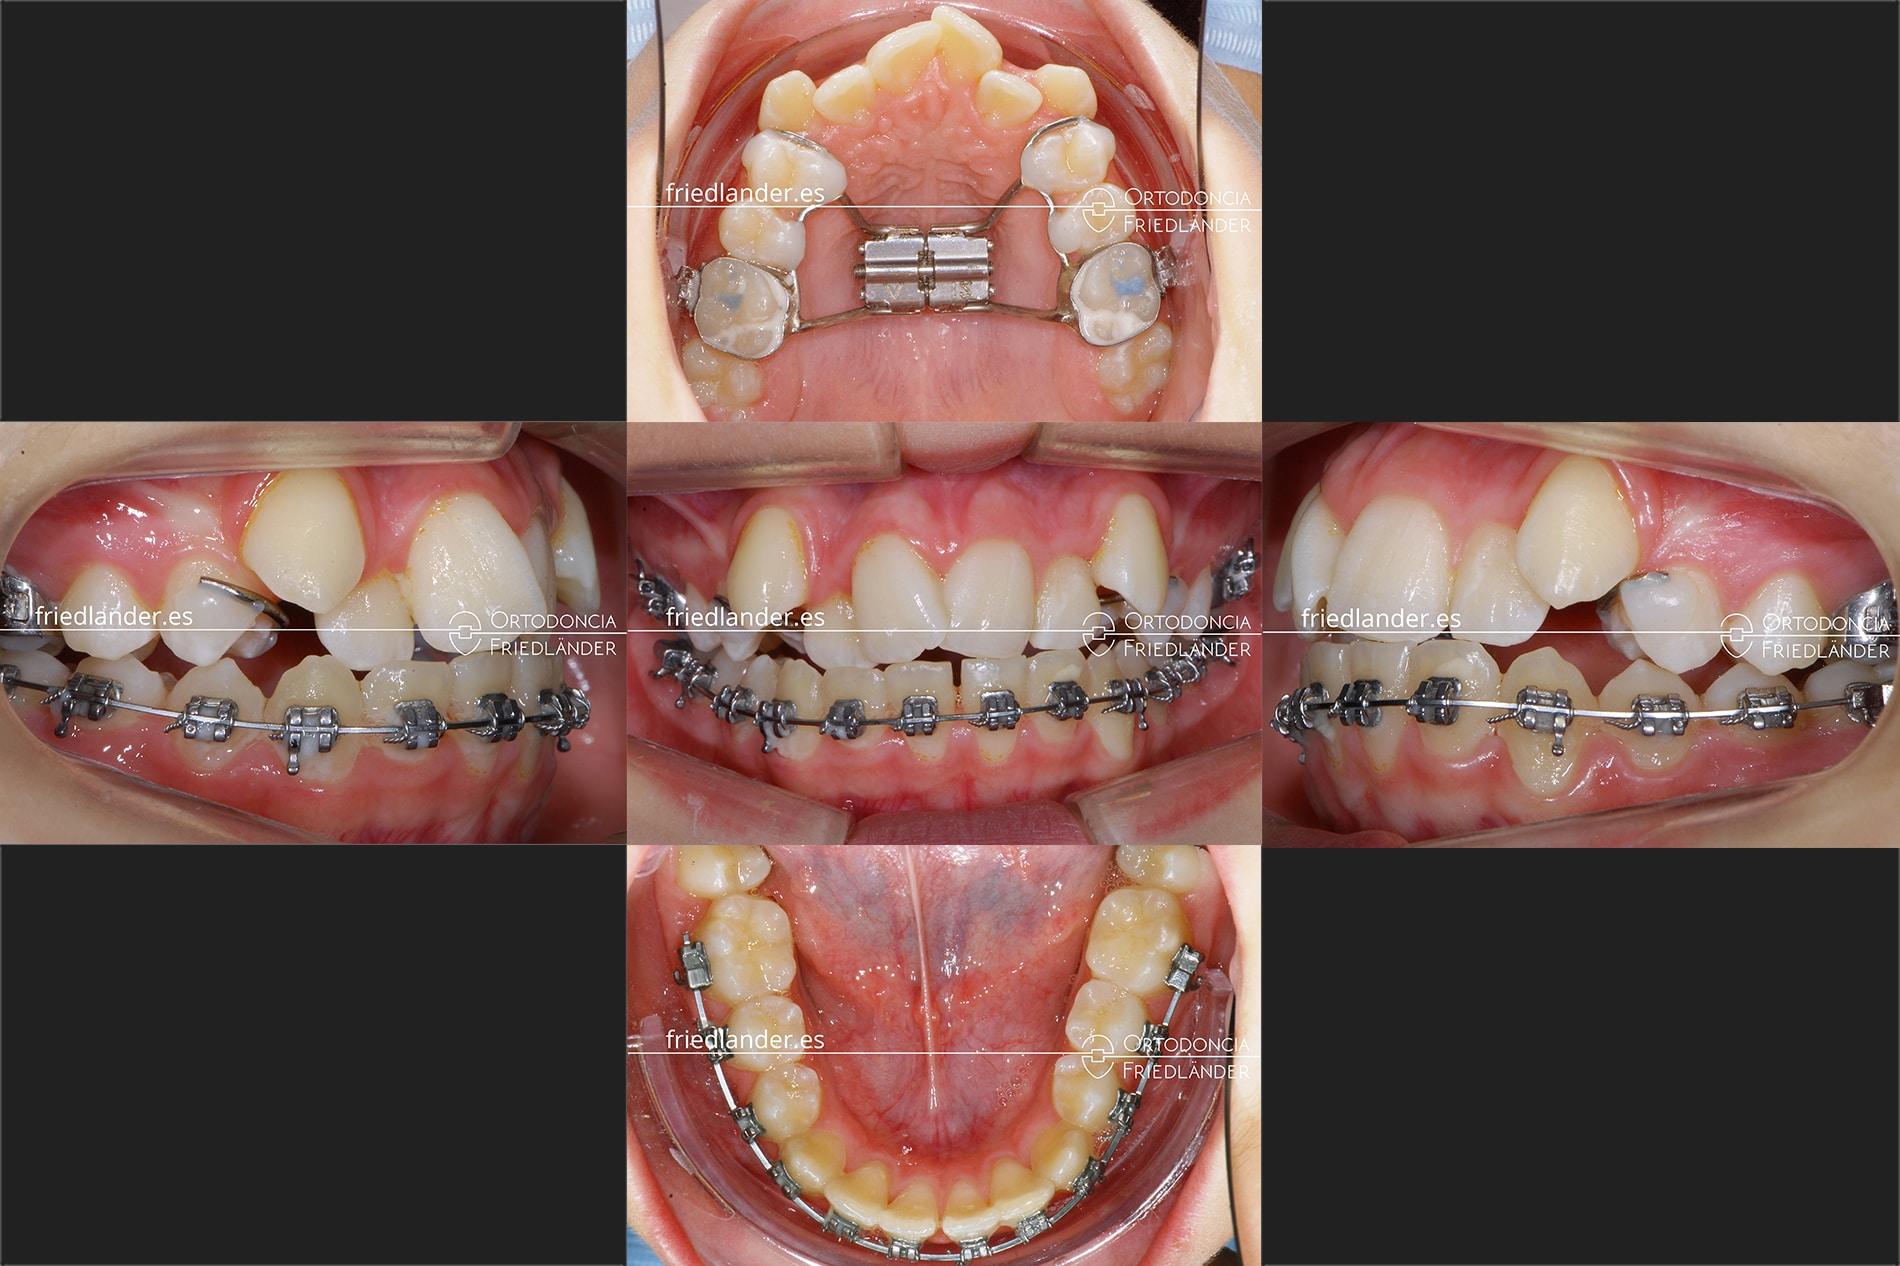 tratamiento con disyuntor ortodoncia Friedlander Barcelona expnasión brackets invisible